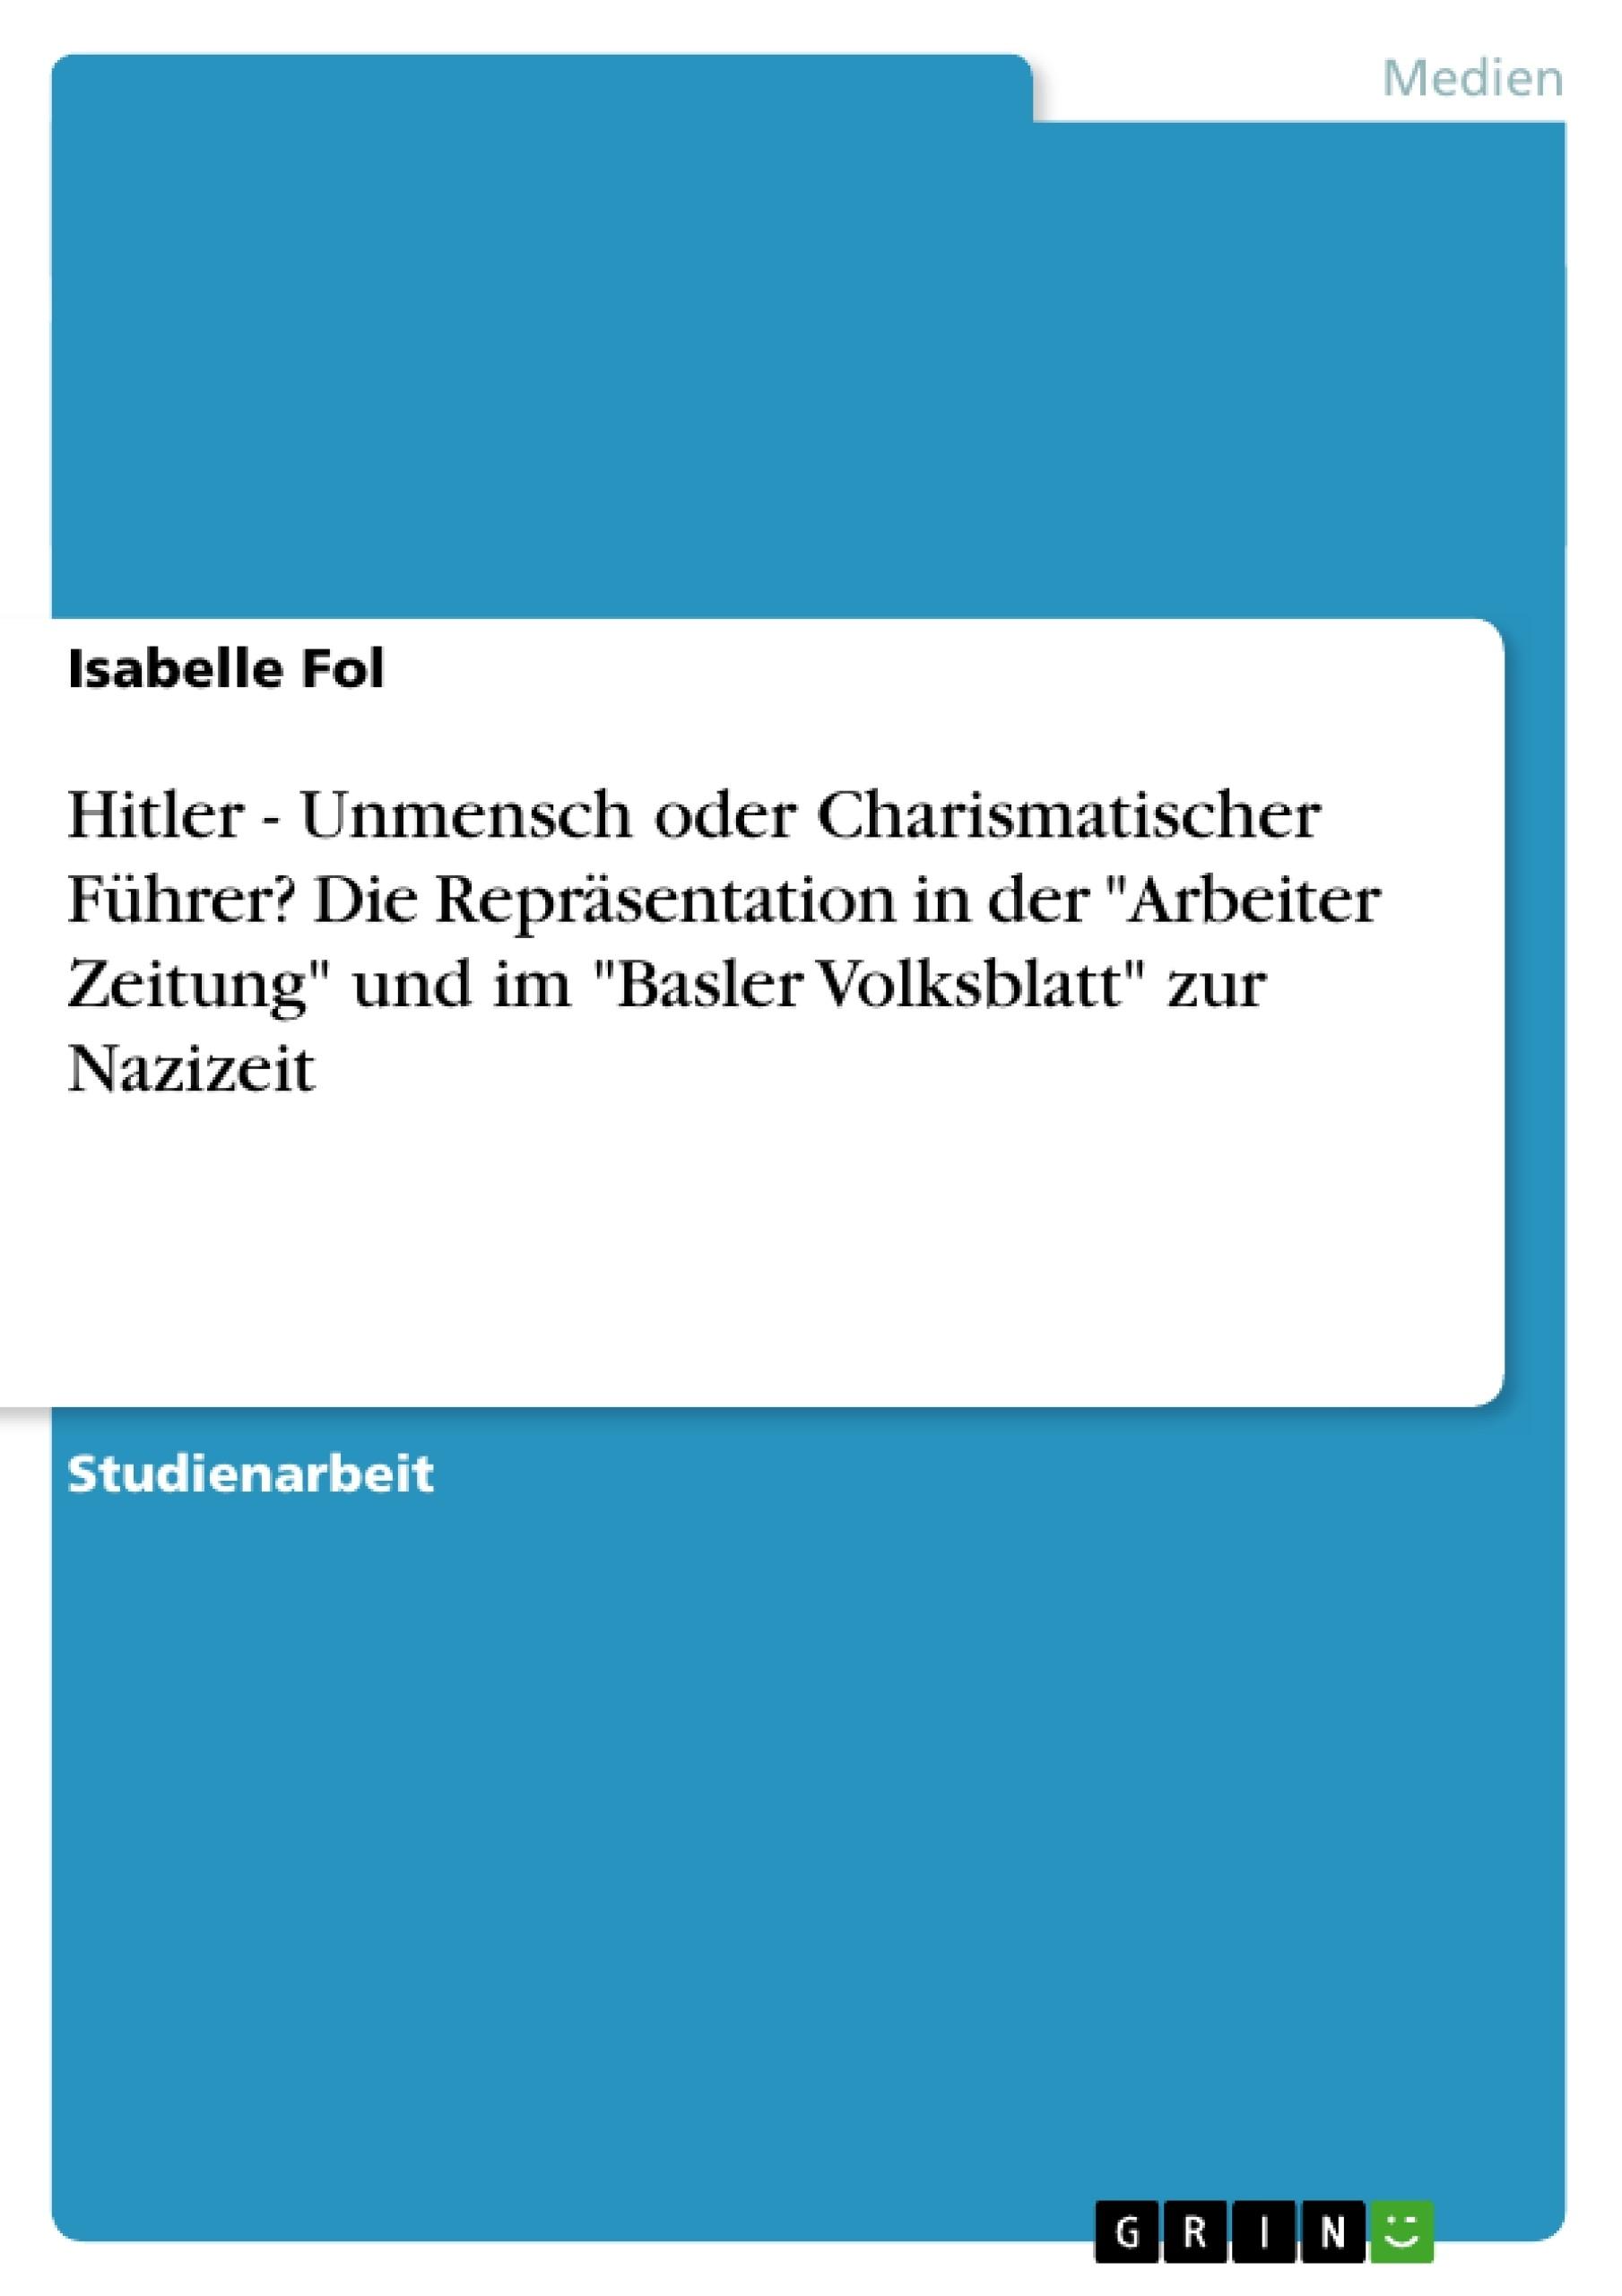 """Titel: Hitler - Unmensch oder Charismatischer Führer? Die Repräsentation in der """"Arbeiter Zeitung"""" und im """"Basler Volksblatt"""" zur Nazizeit"""